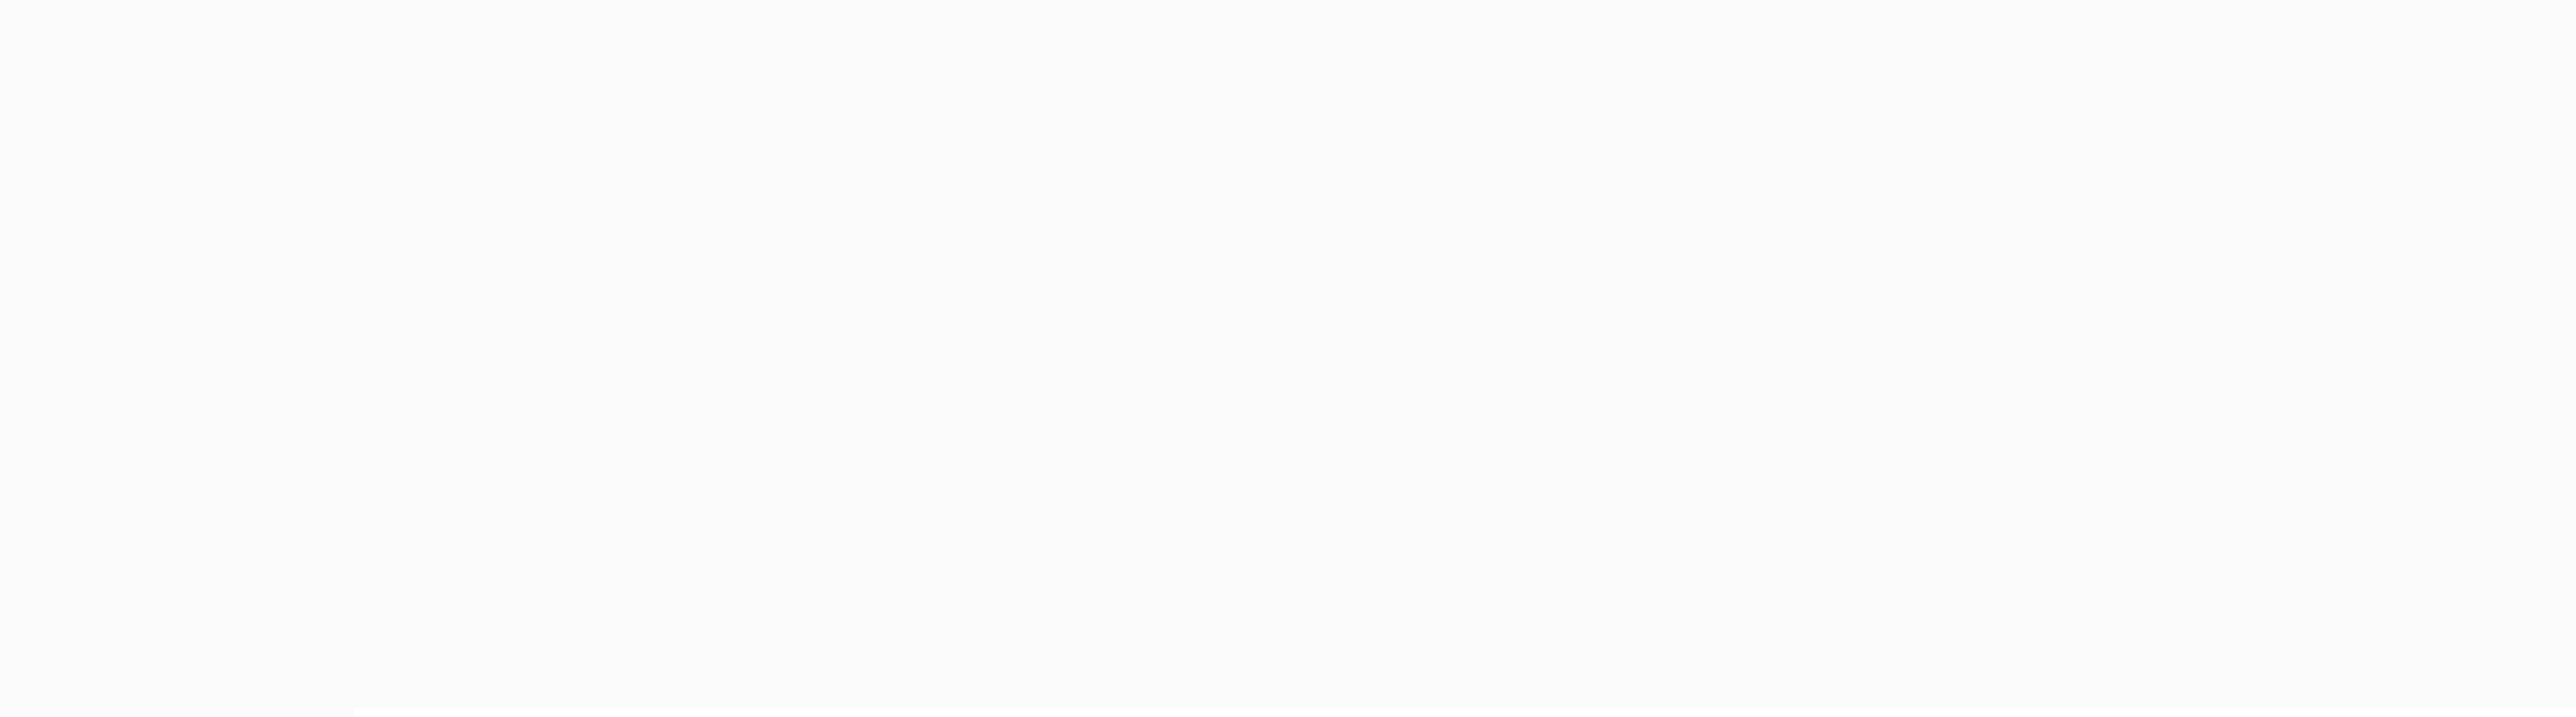 Vitale Energie 68 Wittelsheim - Climatisation et Pompe à Chaleur - Vente Installation et entretien